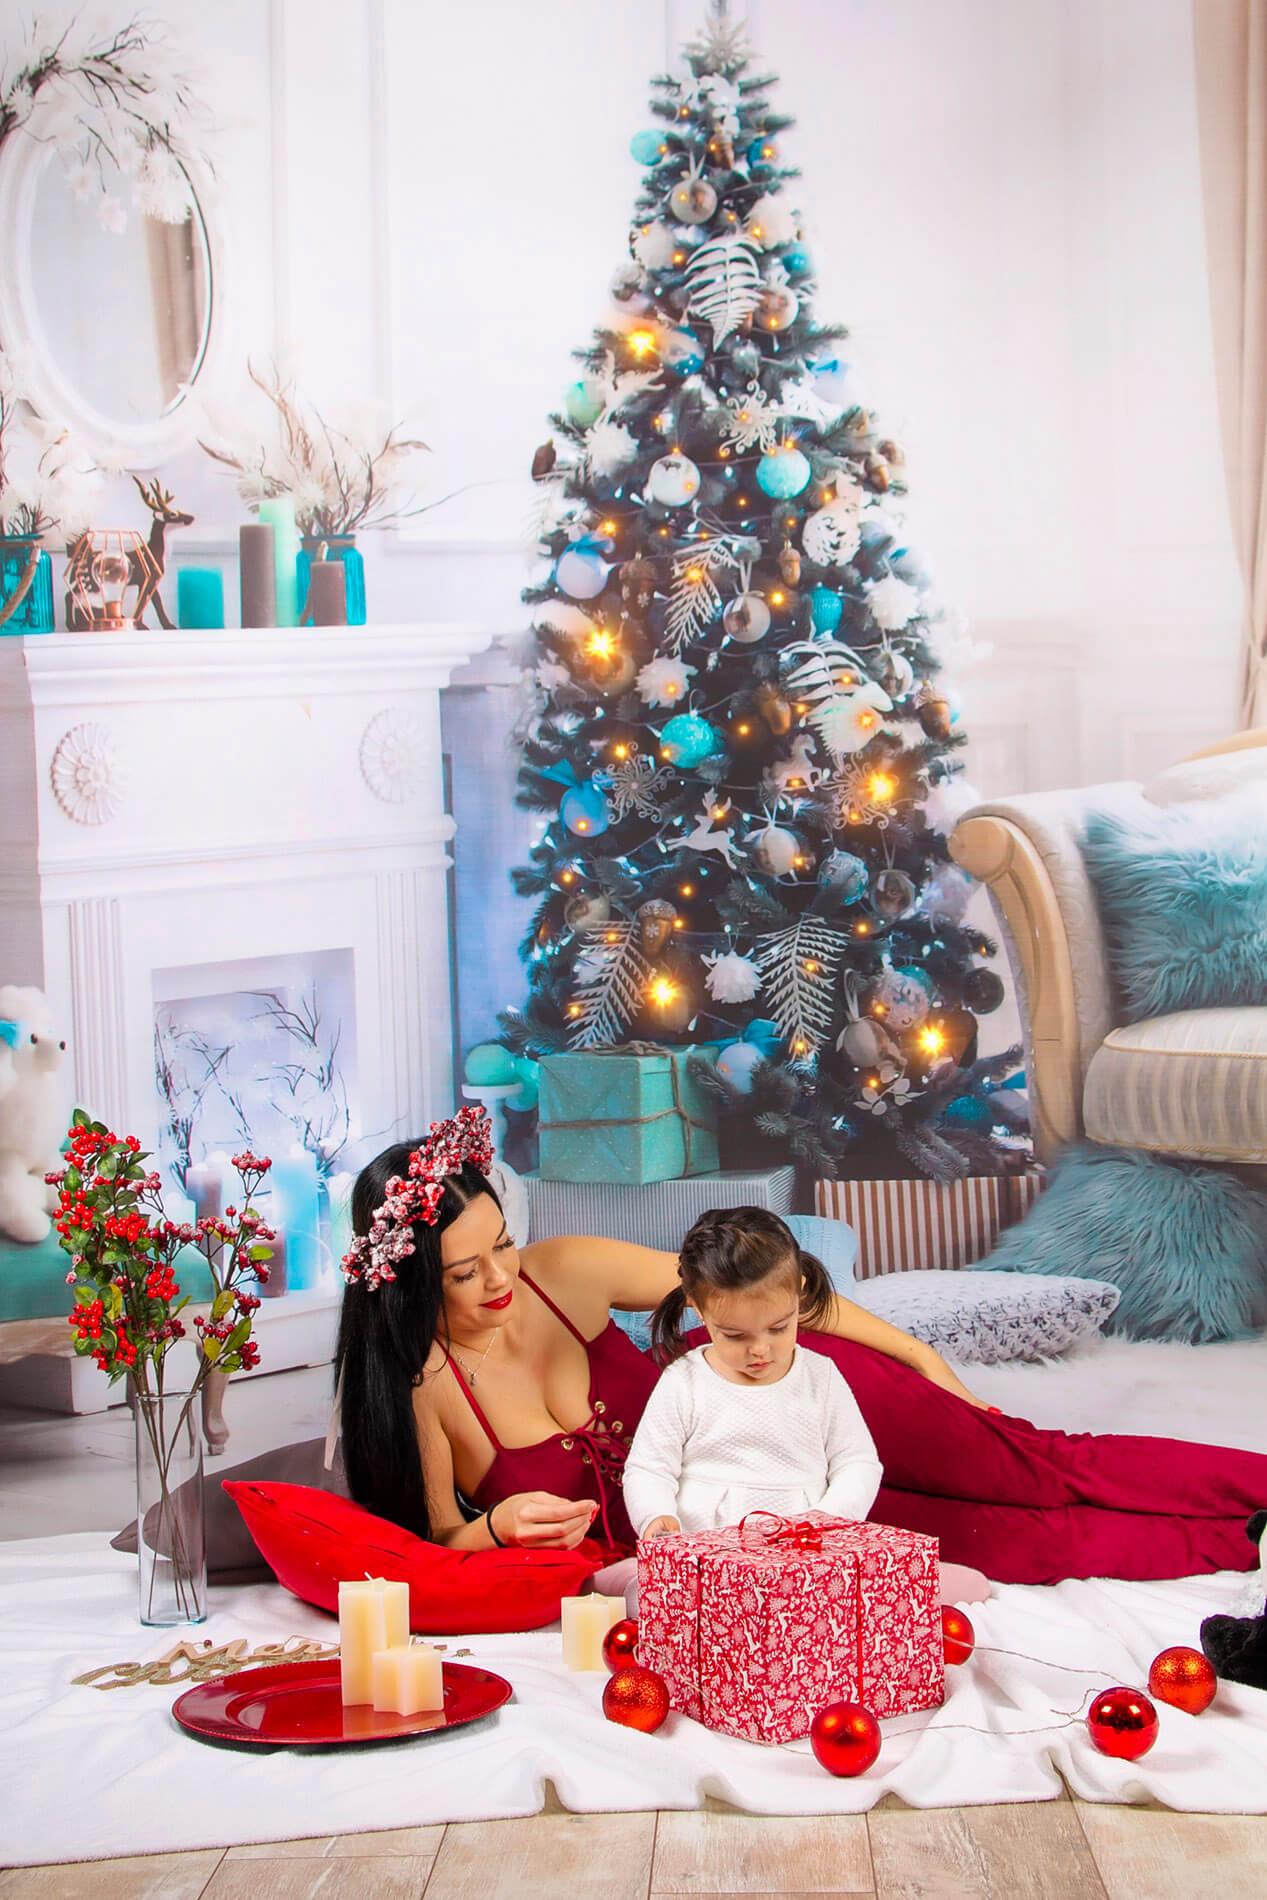 Vianočná fotografia pred stromčekom